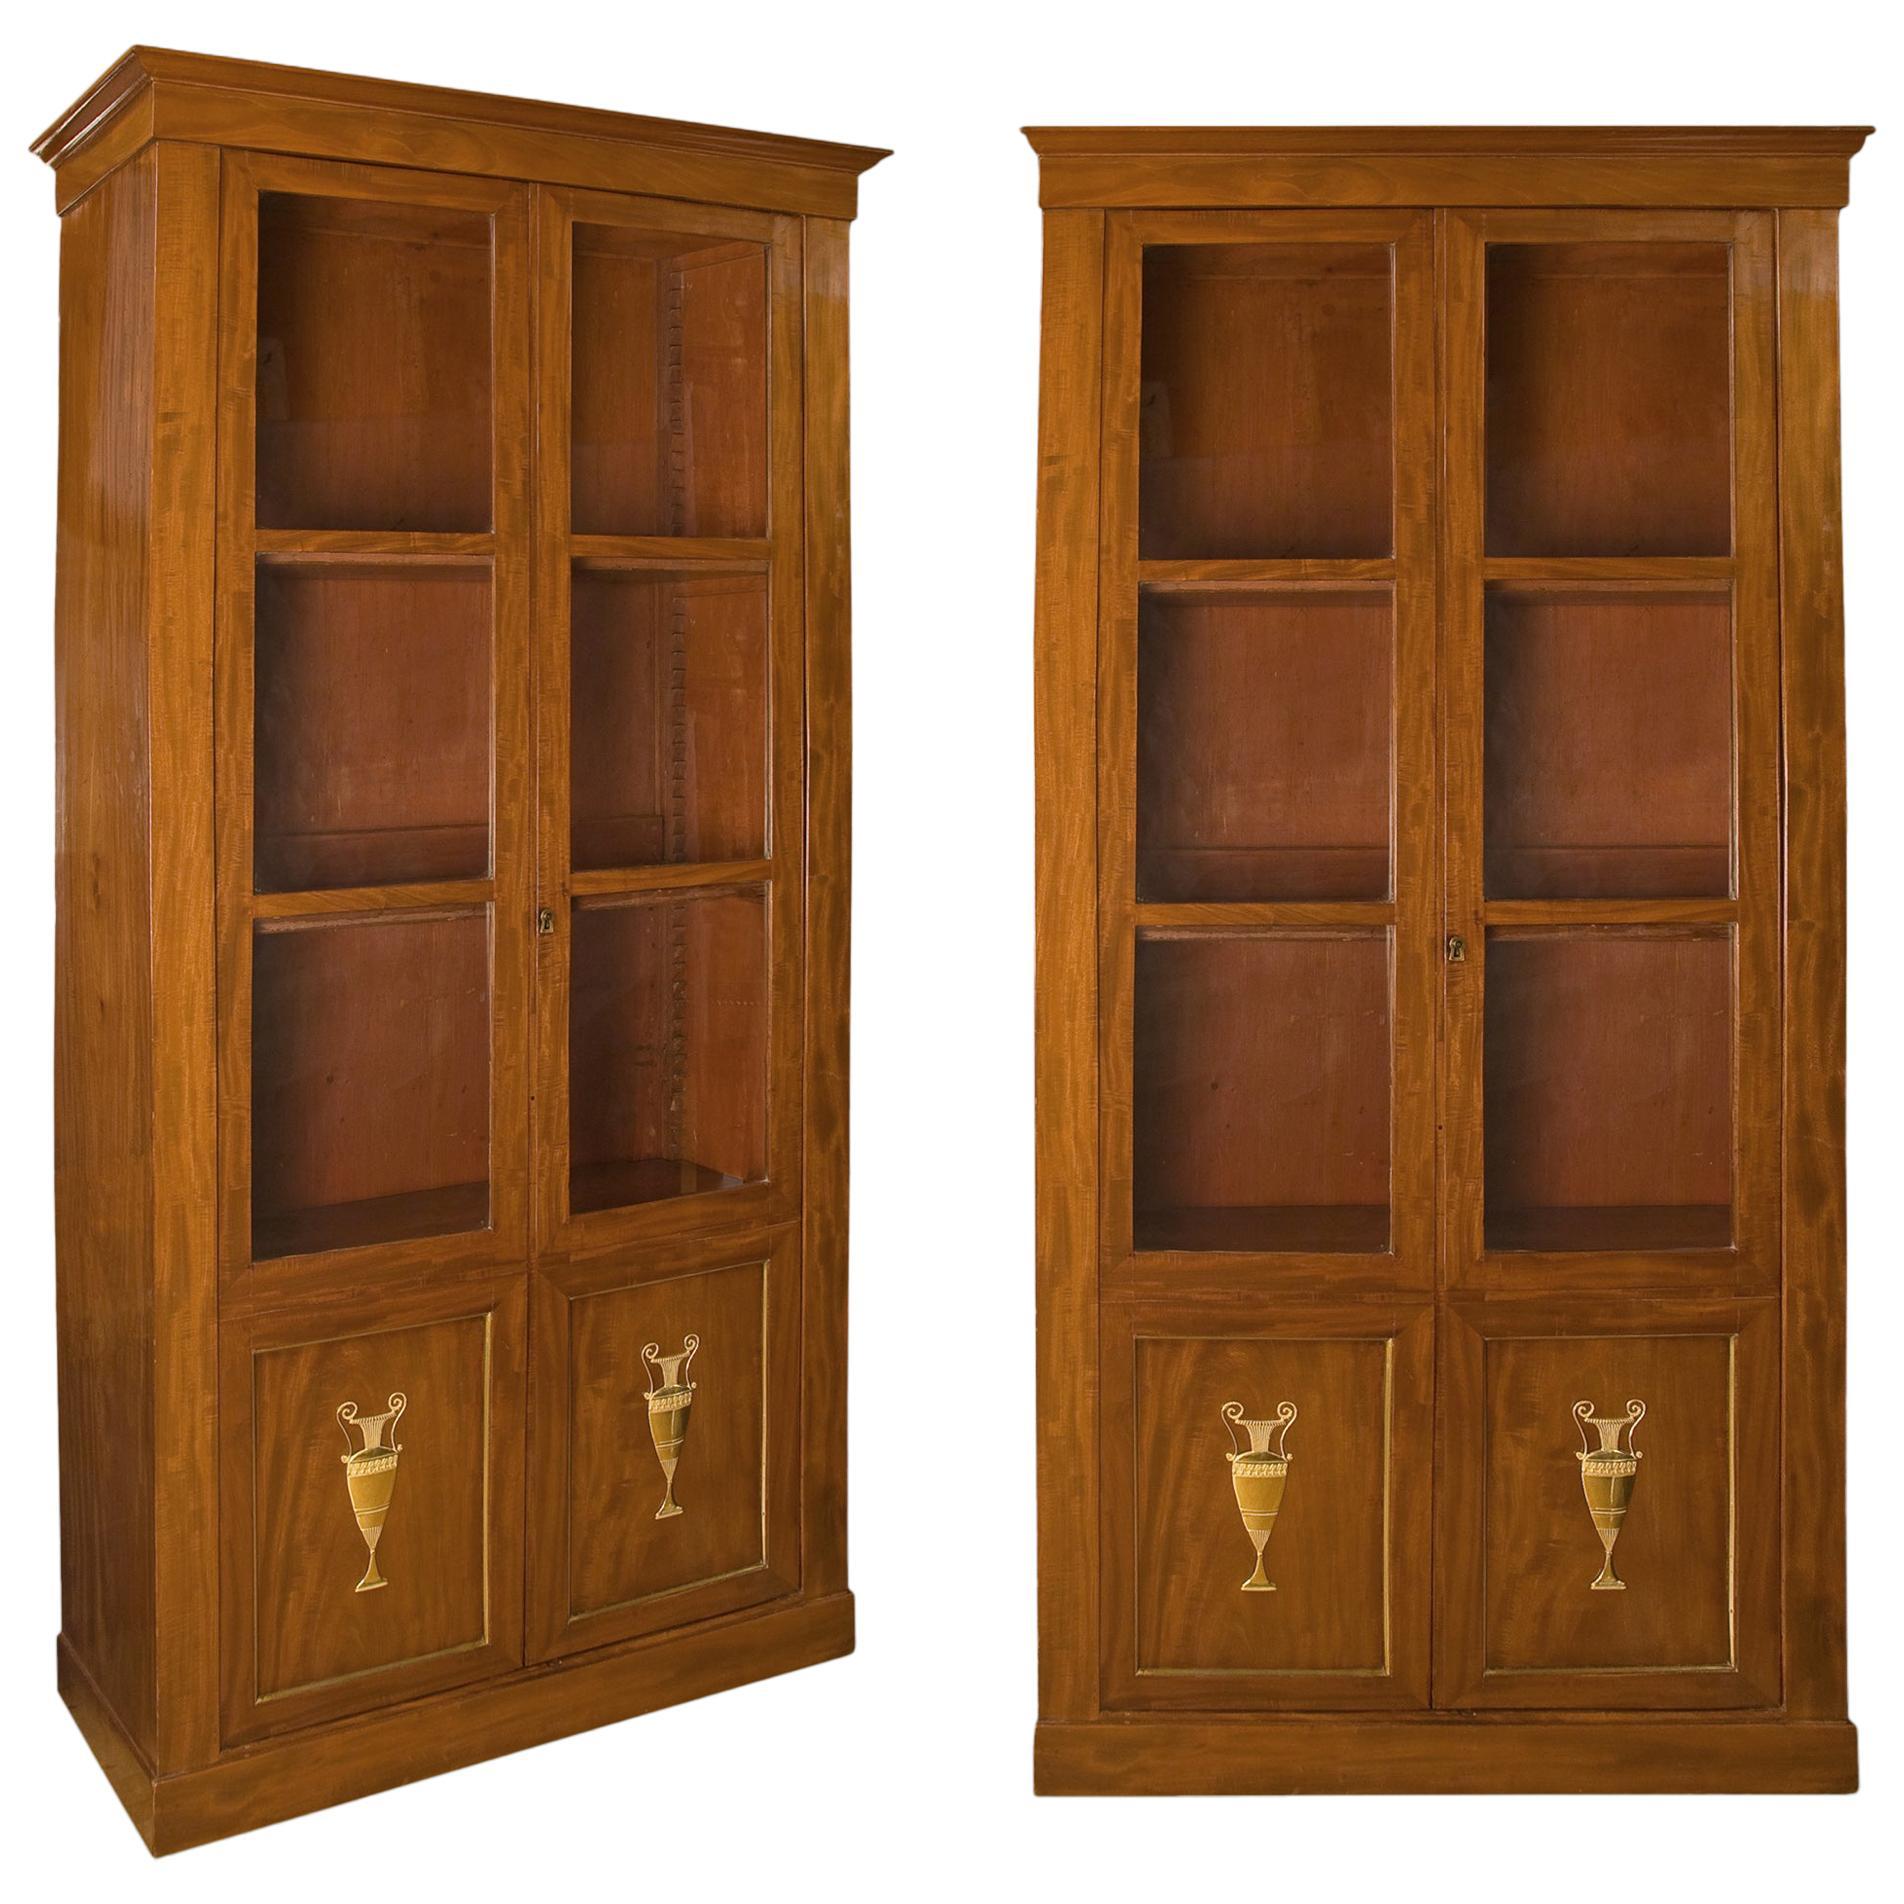 French Mahogany Bookcases, circa 1800